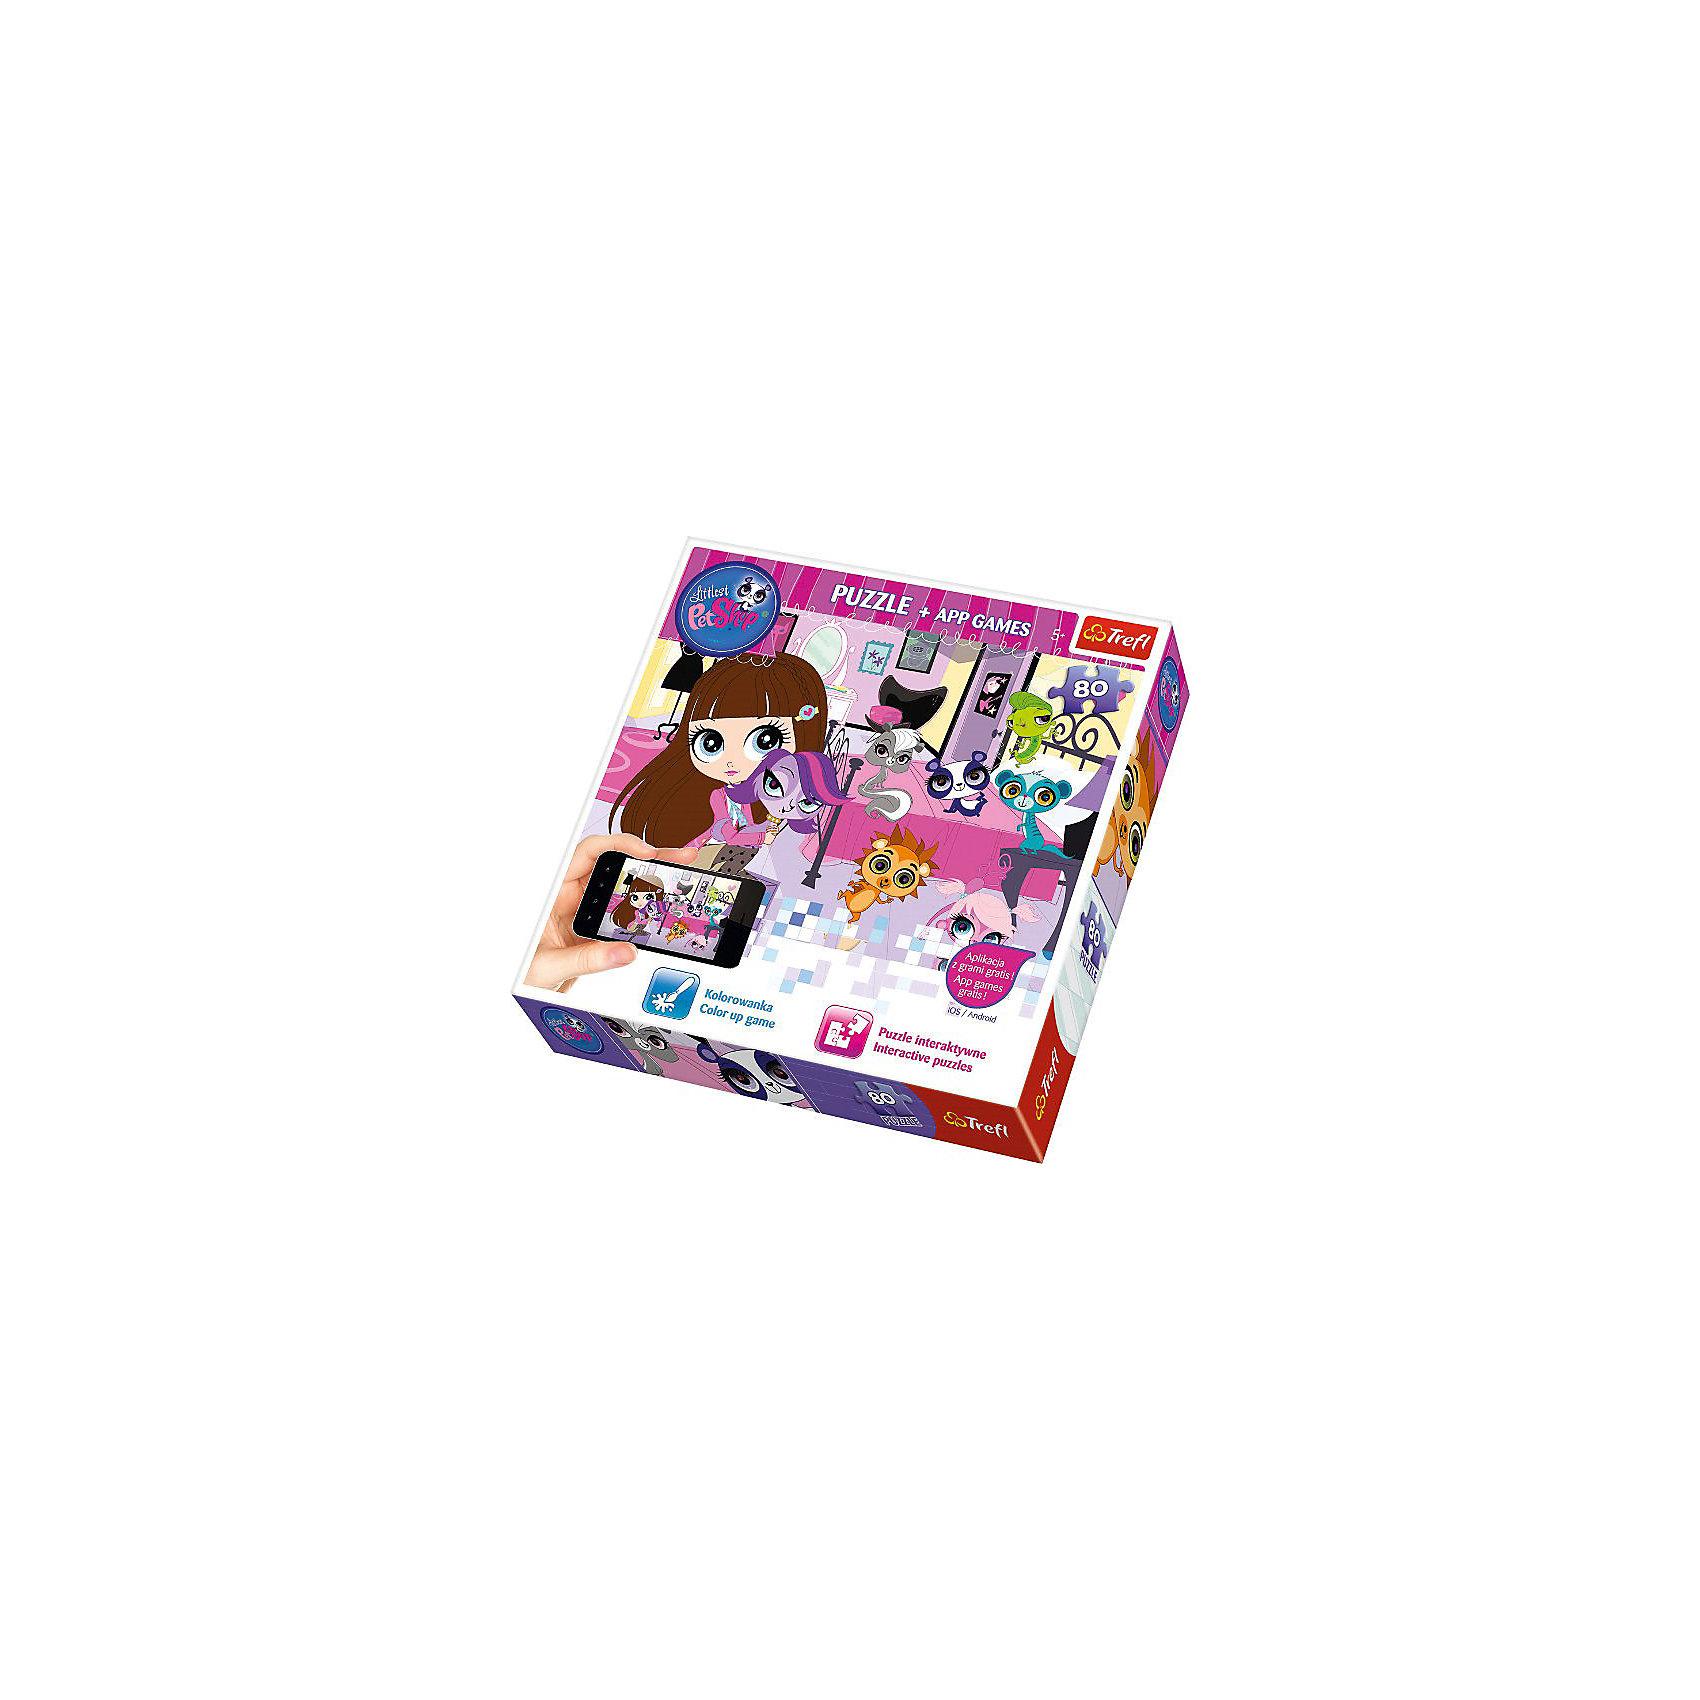 Пазлы набор Trefl Вечерние игры, 80 деталей + мобильное приложениеПопулярные игрушки<br>Компания Trefl – известный и давний представитель различных настольных игр, предлагает оценить новинку: пазлы «Вечерние игры» и мобильное приложение к ним! Малыш из популярной серии PetShop любит веселиться, узнай, во что он любит играть долгими вечерами!<br>Пазлы «Вечерние игры» и мобильно приложение, входящее в игровой комплект вызовут неподдельный интерес и бурный восторг даже у самого неугомонного непоседы, а маме дадут возможность спокойно заняться своими домашними делами.<br>Материал изделия: высококачественный картон. <br>Размер упаковки: 26 х 26 х 4 см<br>Размер собранной картинки: 41 х 28 см<br><br>Предназначено для детей старше 5 лет<br><br>Ширина мм: 263<br>Глубина мм: 261<br>Высота мм: 43<br>Вес г: 370<br>Возраст от месяцев: 72<br>Возраст до месяцев: 96<br>Пол: Женский<br>Возраст: Детский<br>Количество деталей: 80<br>SKU: 3869082